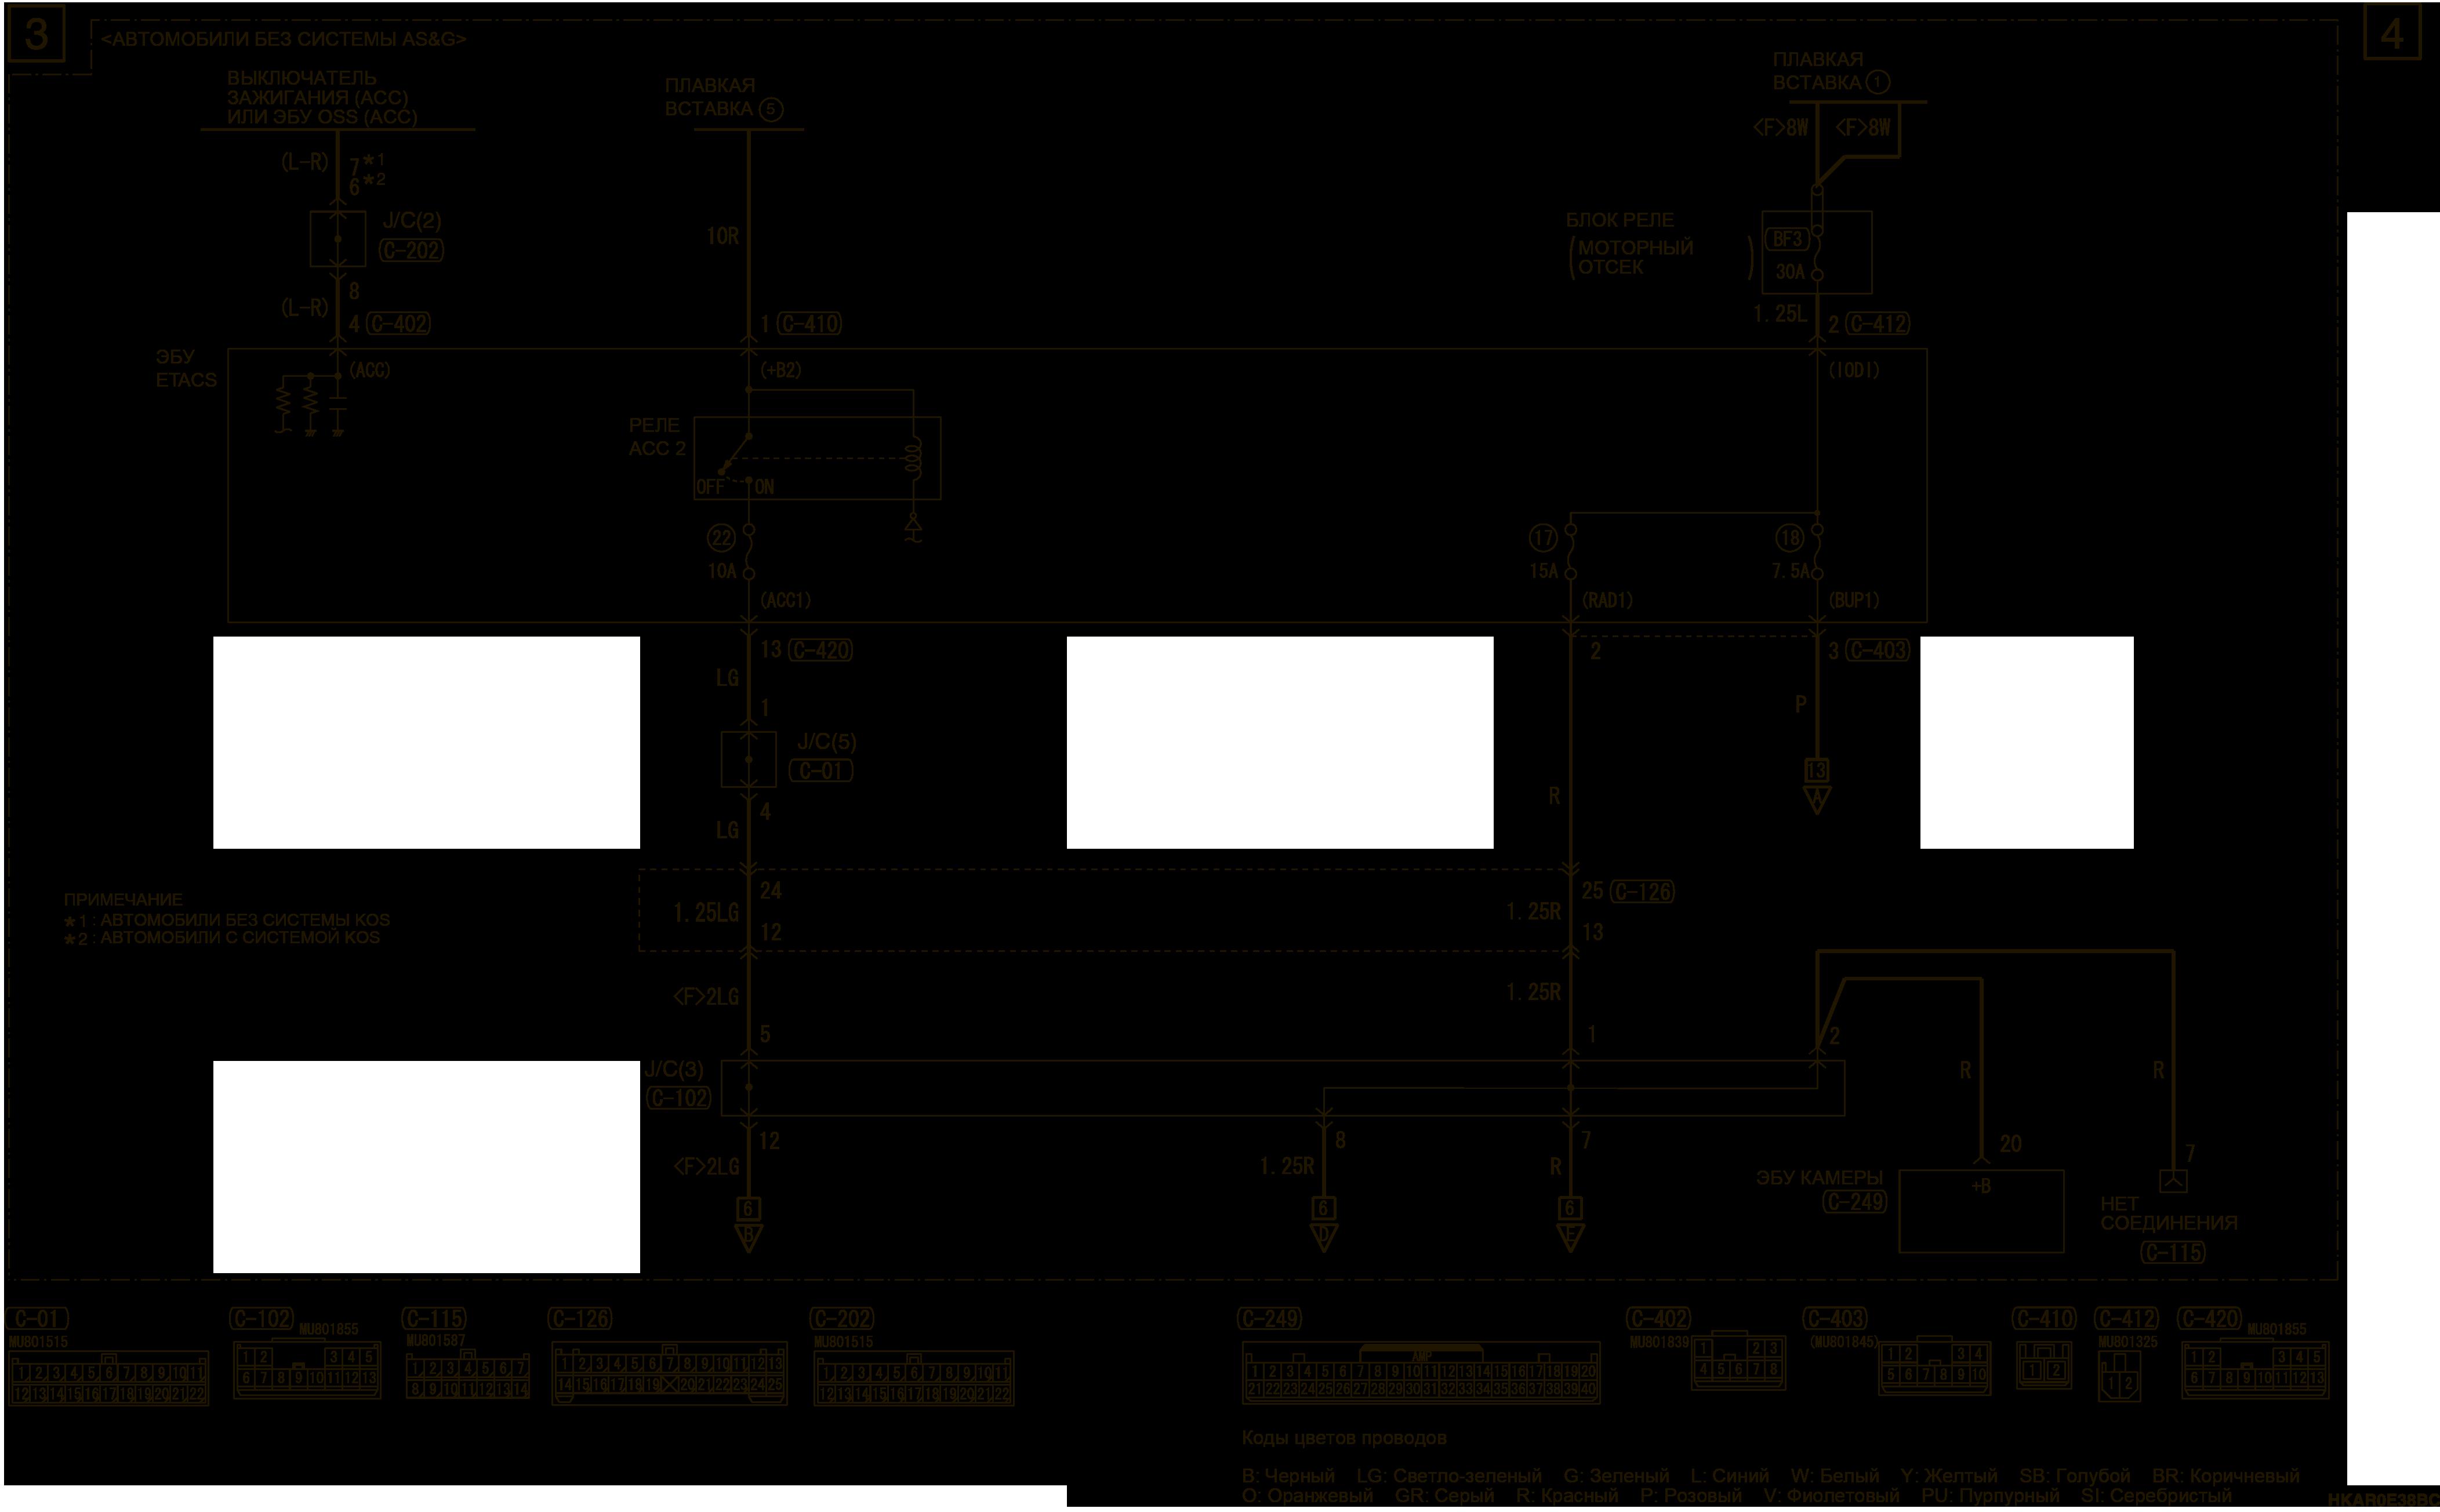 mmc аутлендер 3 2019 электросхемаСИСТЕМА КРУГОВОГО ОБЗОРА ЛЕВОСТОРОННЕЕ УПРАВЛЕНИЕ